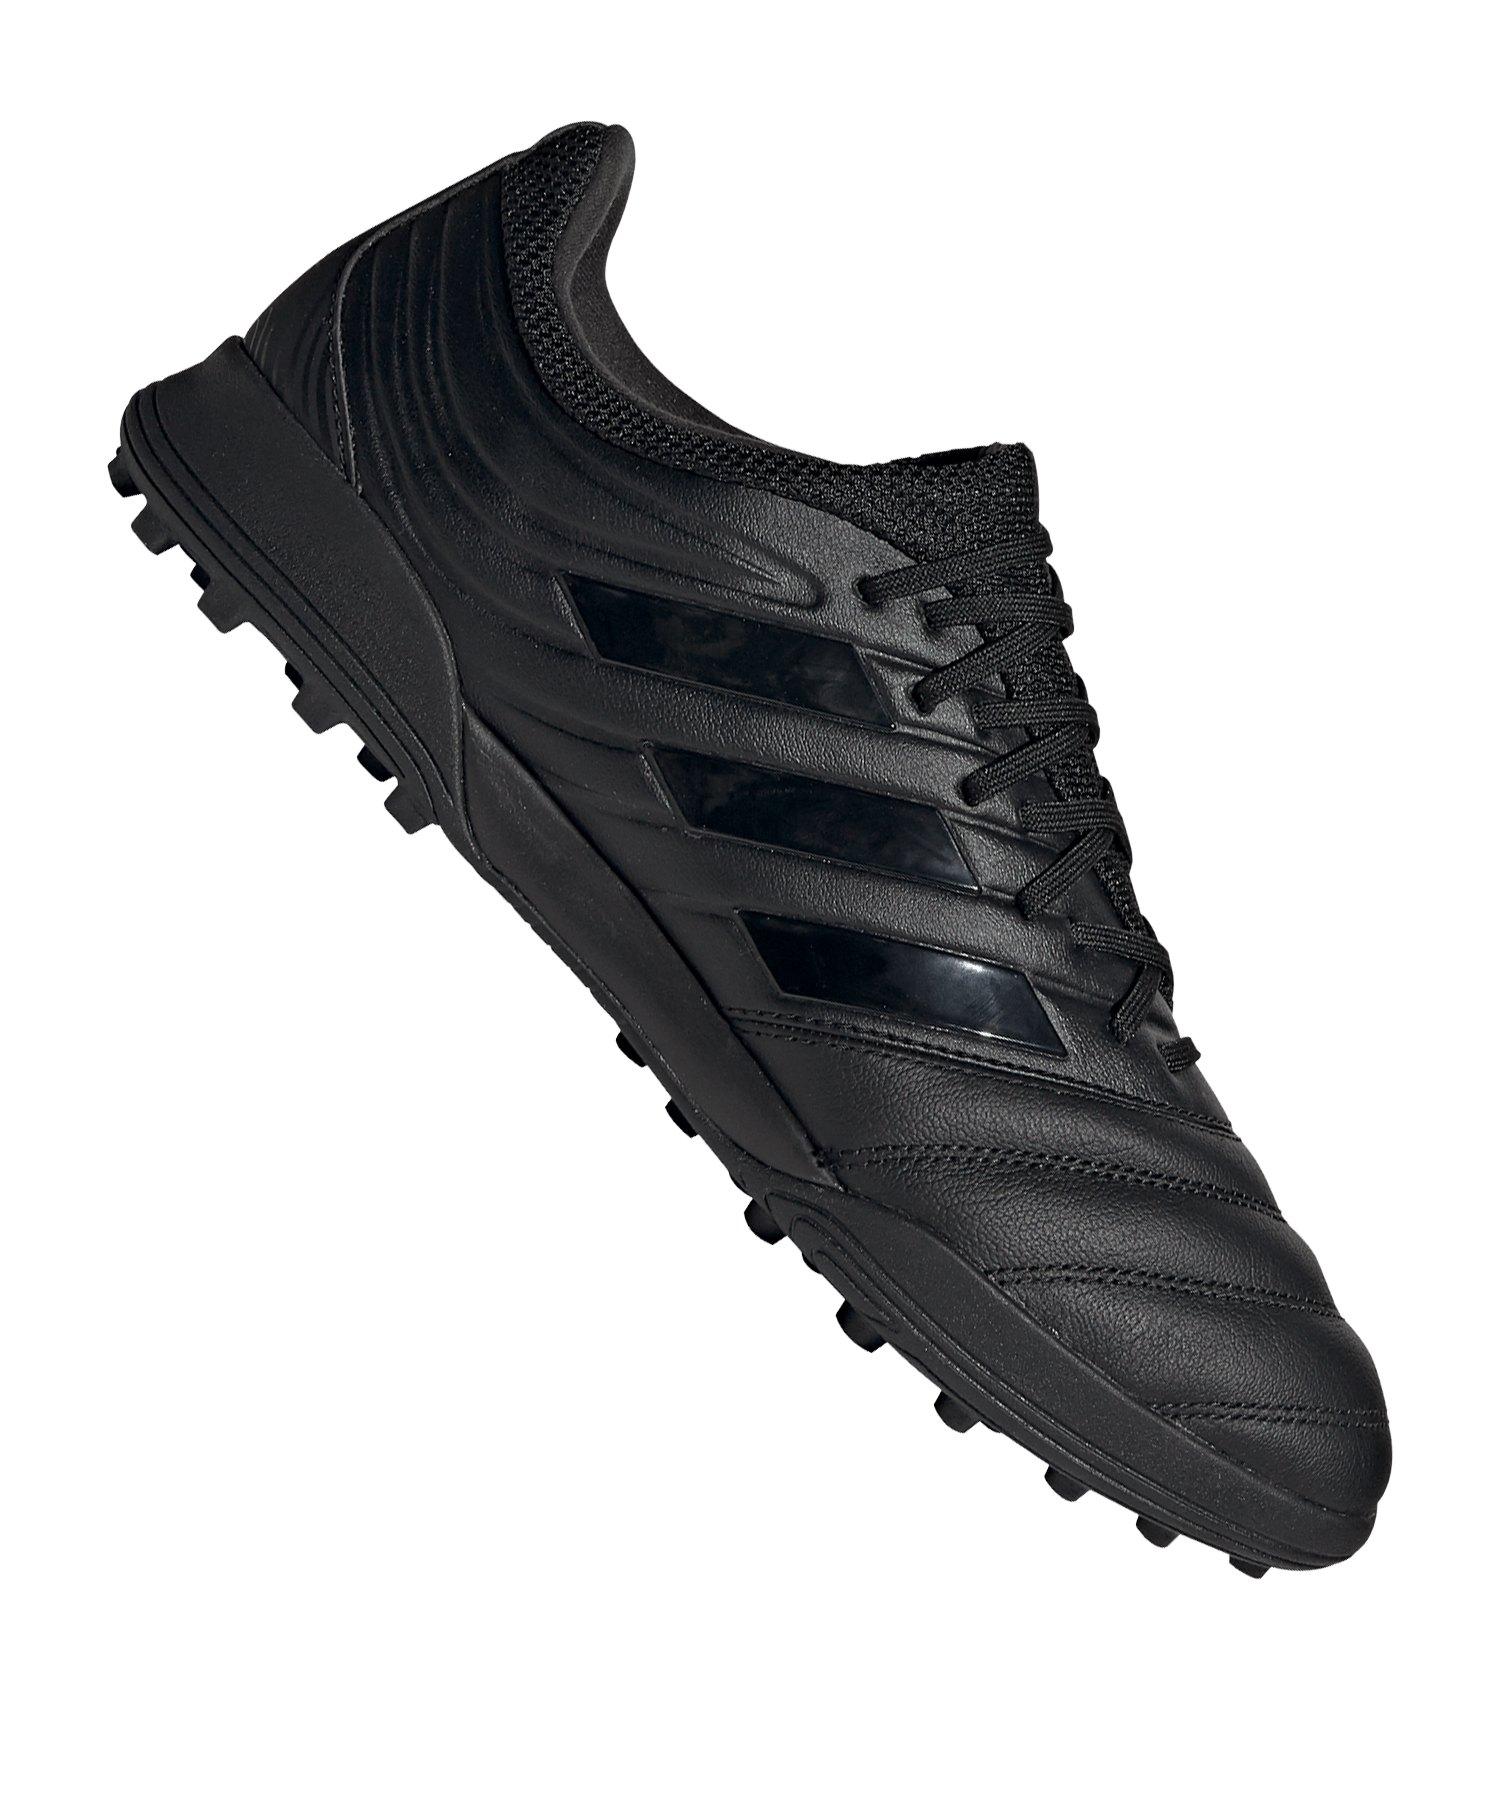 adidas COPA 20.3 TF Schwarz Grau - schwarz